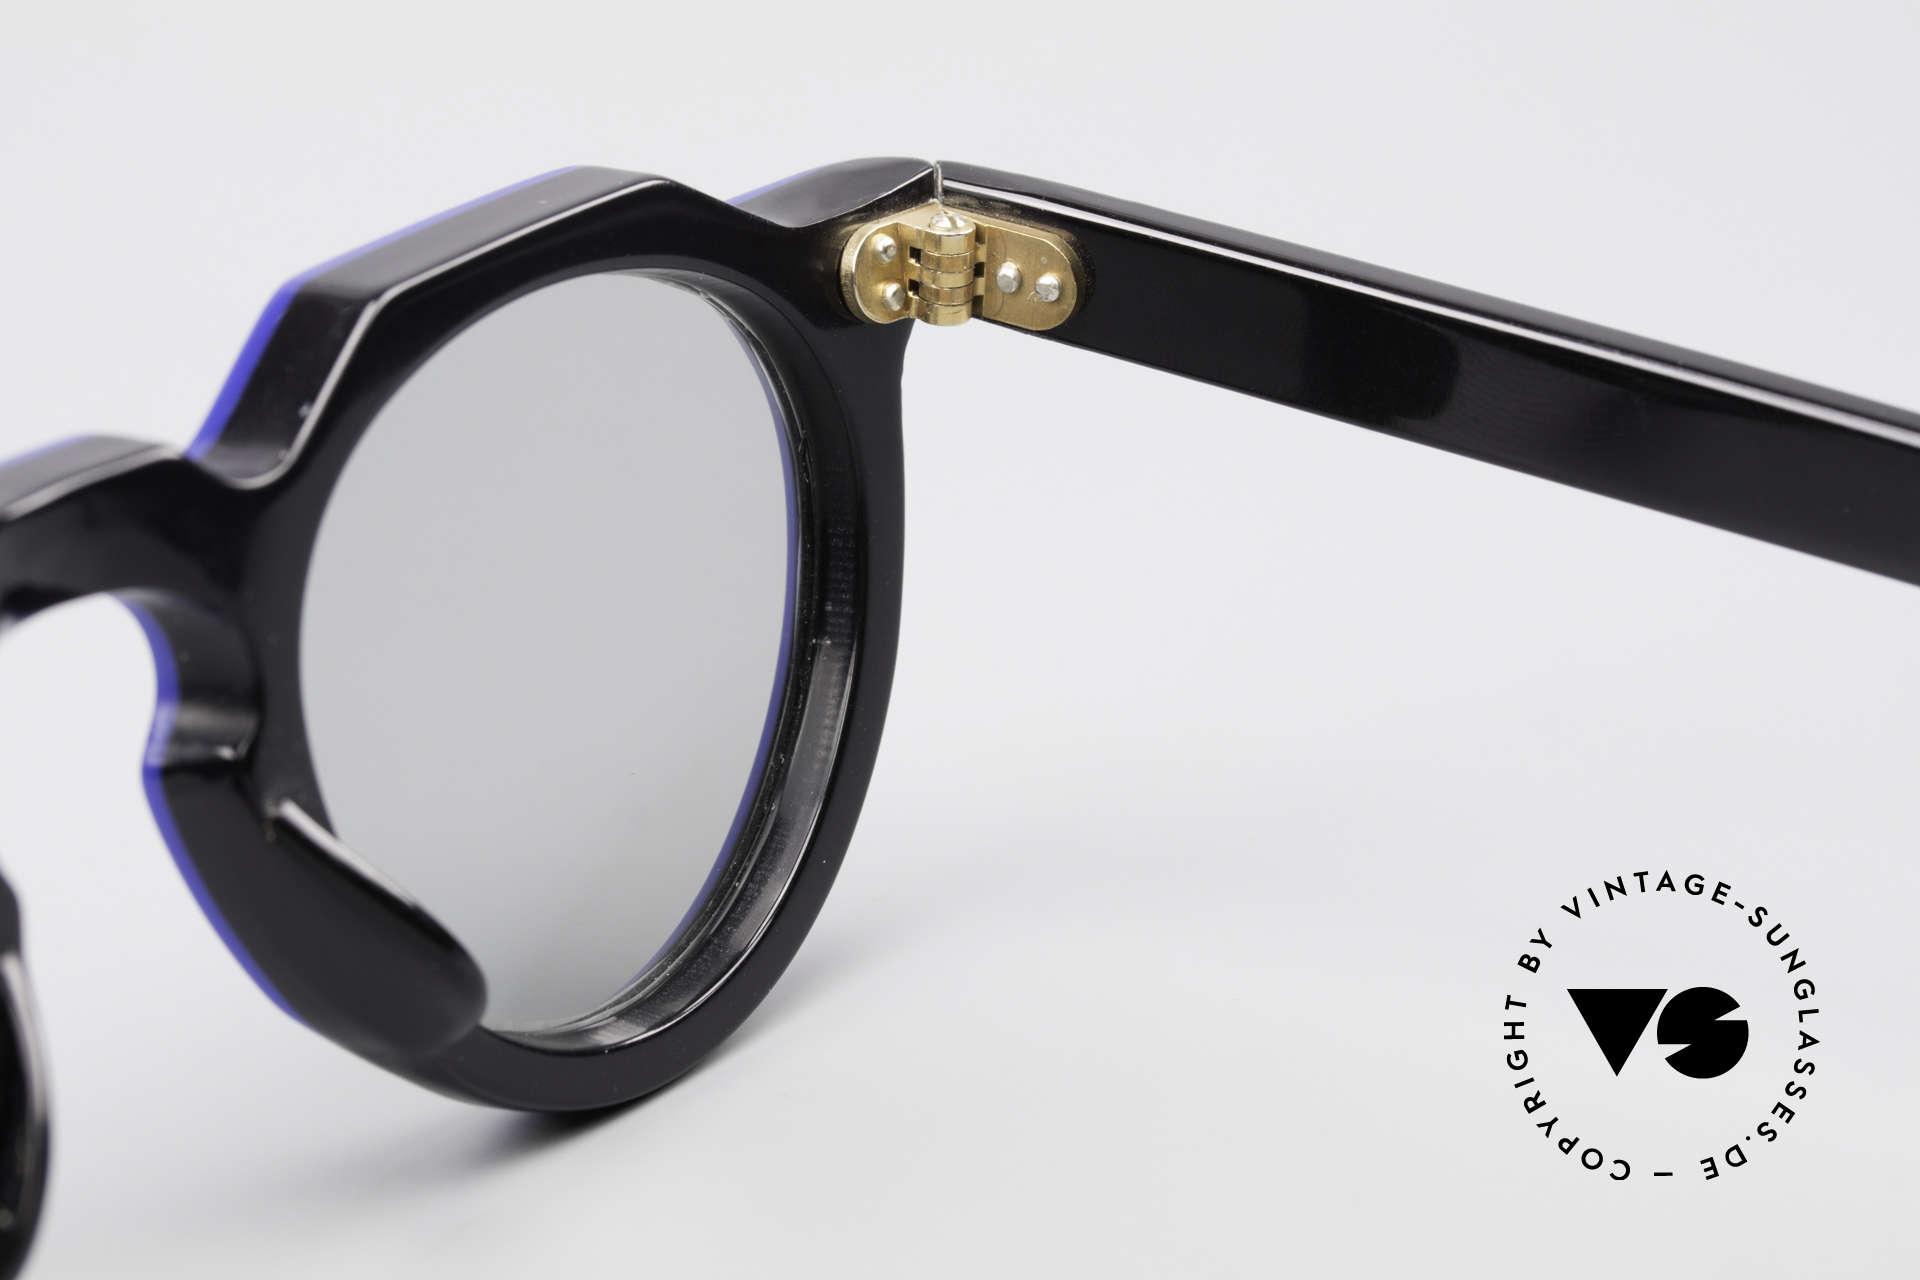 Lesca Panto 6mm 60er Frankreich Brille Panto, NICHT die aktuelle Lesca-Kollektion, sondern ALT!!!, Passend für Herren